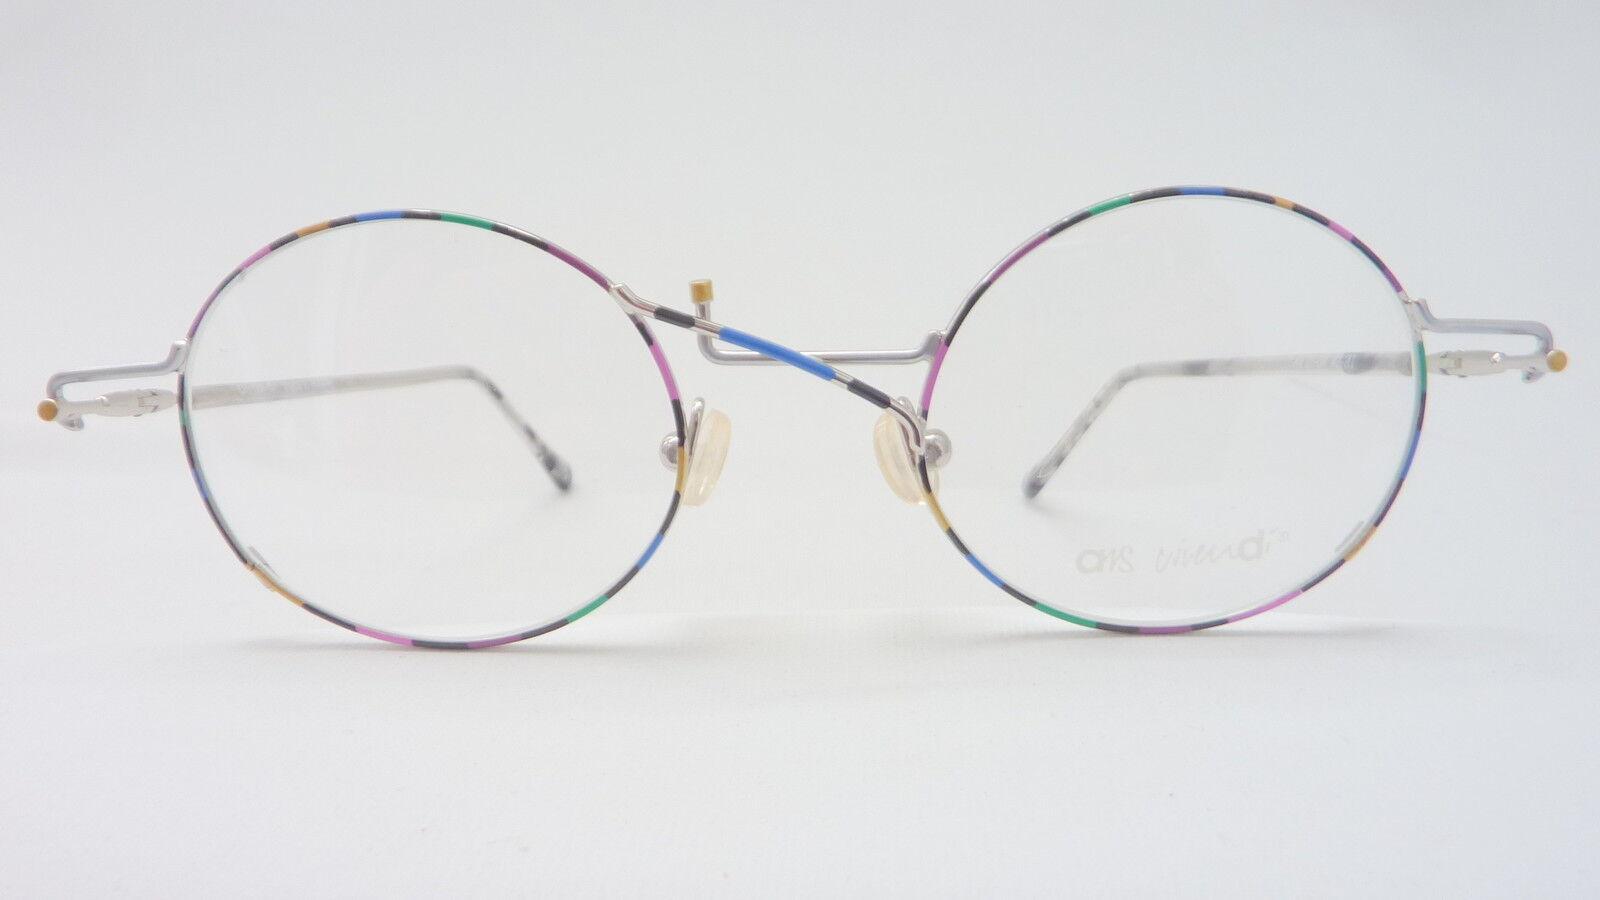 Ars Vivendi Brille Damen ohneGlas ohneGlas ohneGlas multiFarbe ungetragene Optikerware Größe M  | Ausgezeichnet (in) Qualität  | Mode-Muster  | Überlegen  f31410